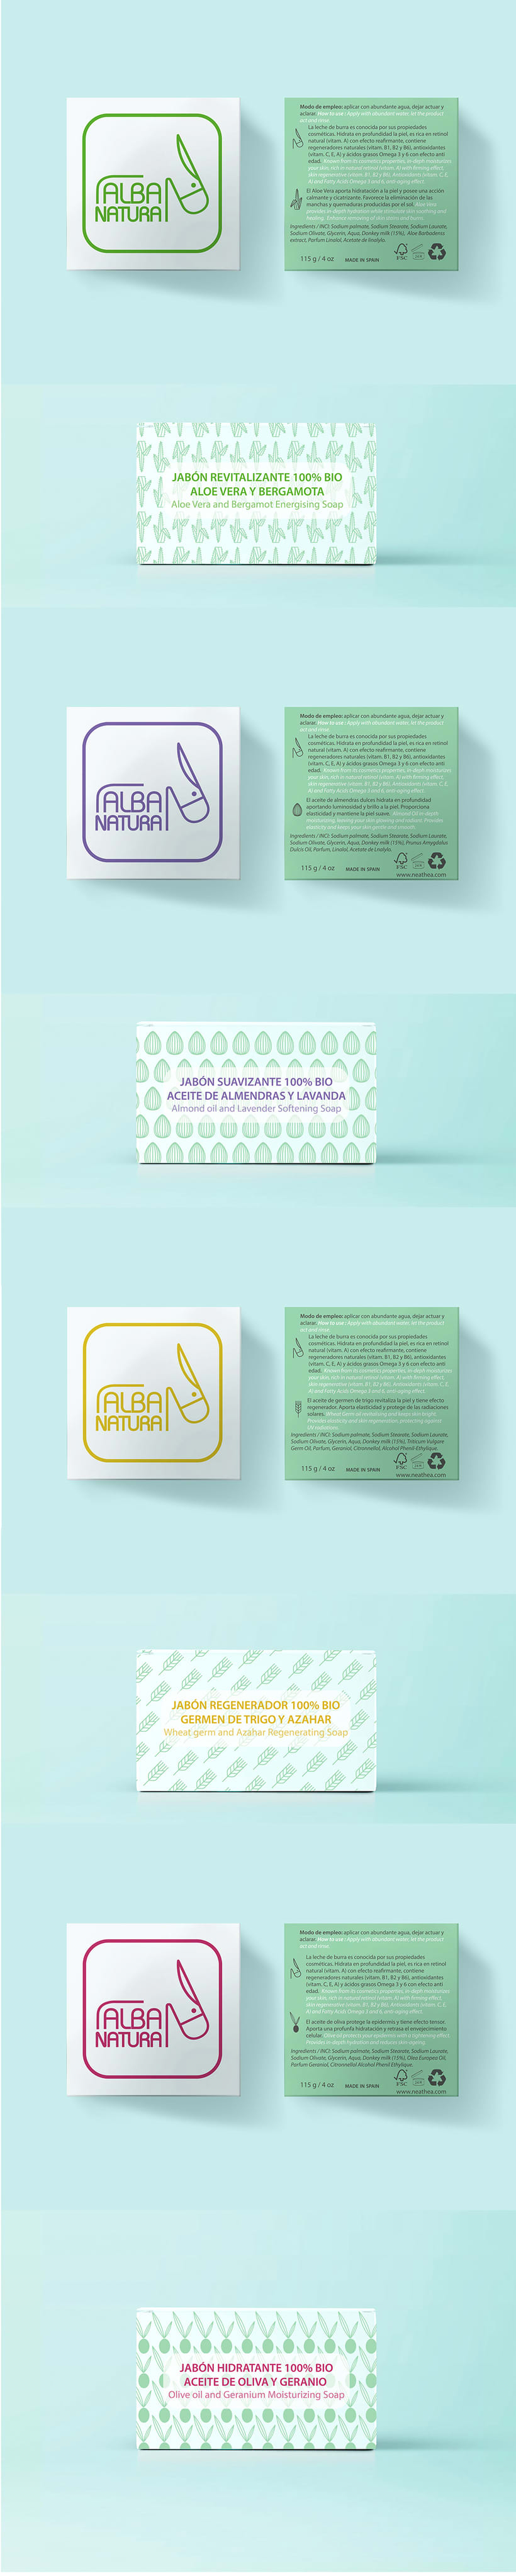 Logotipos, branding, diseño de flyers y de packagings que conforman la empresa NEATHEA (Alba Natura y Bioláctea) 3